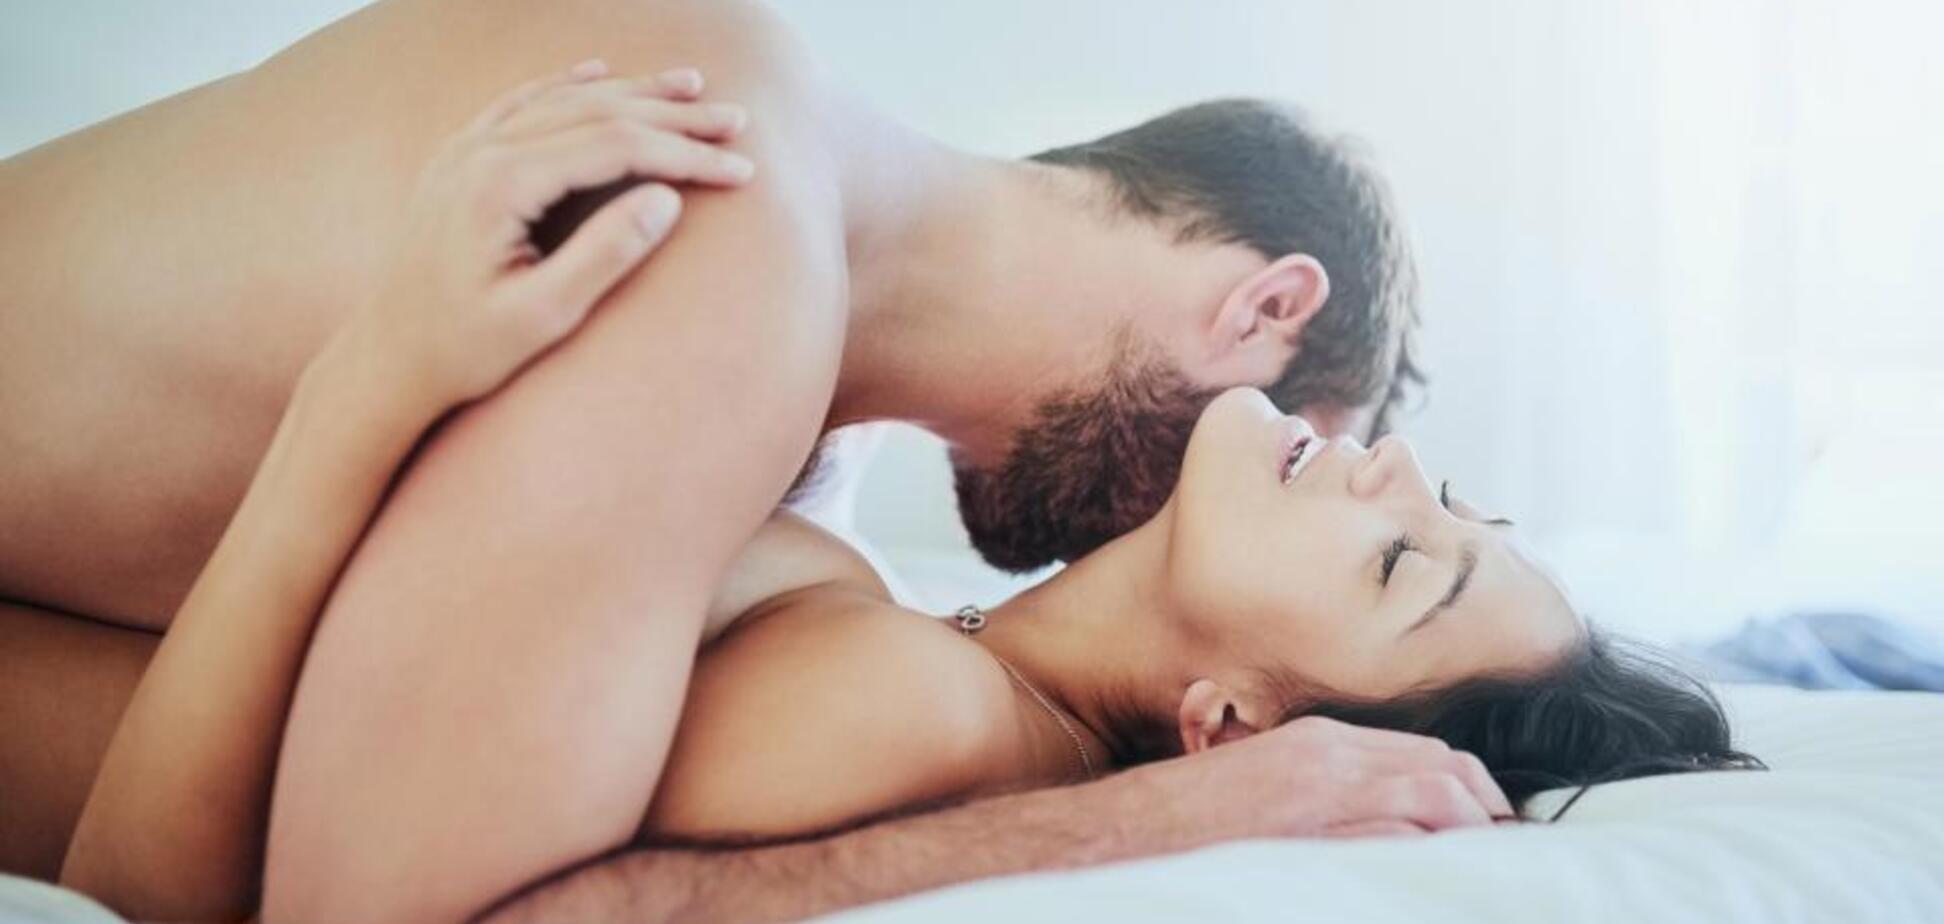 Гармоничный секс в паре: признаки того, что не все в порядке